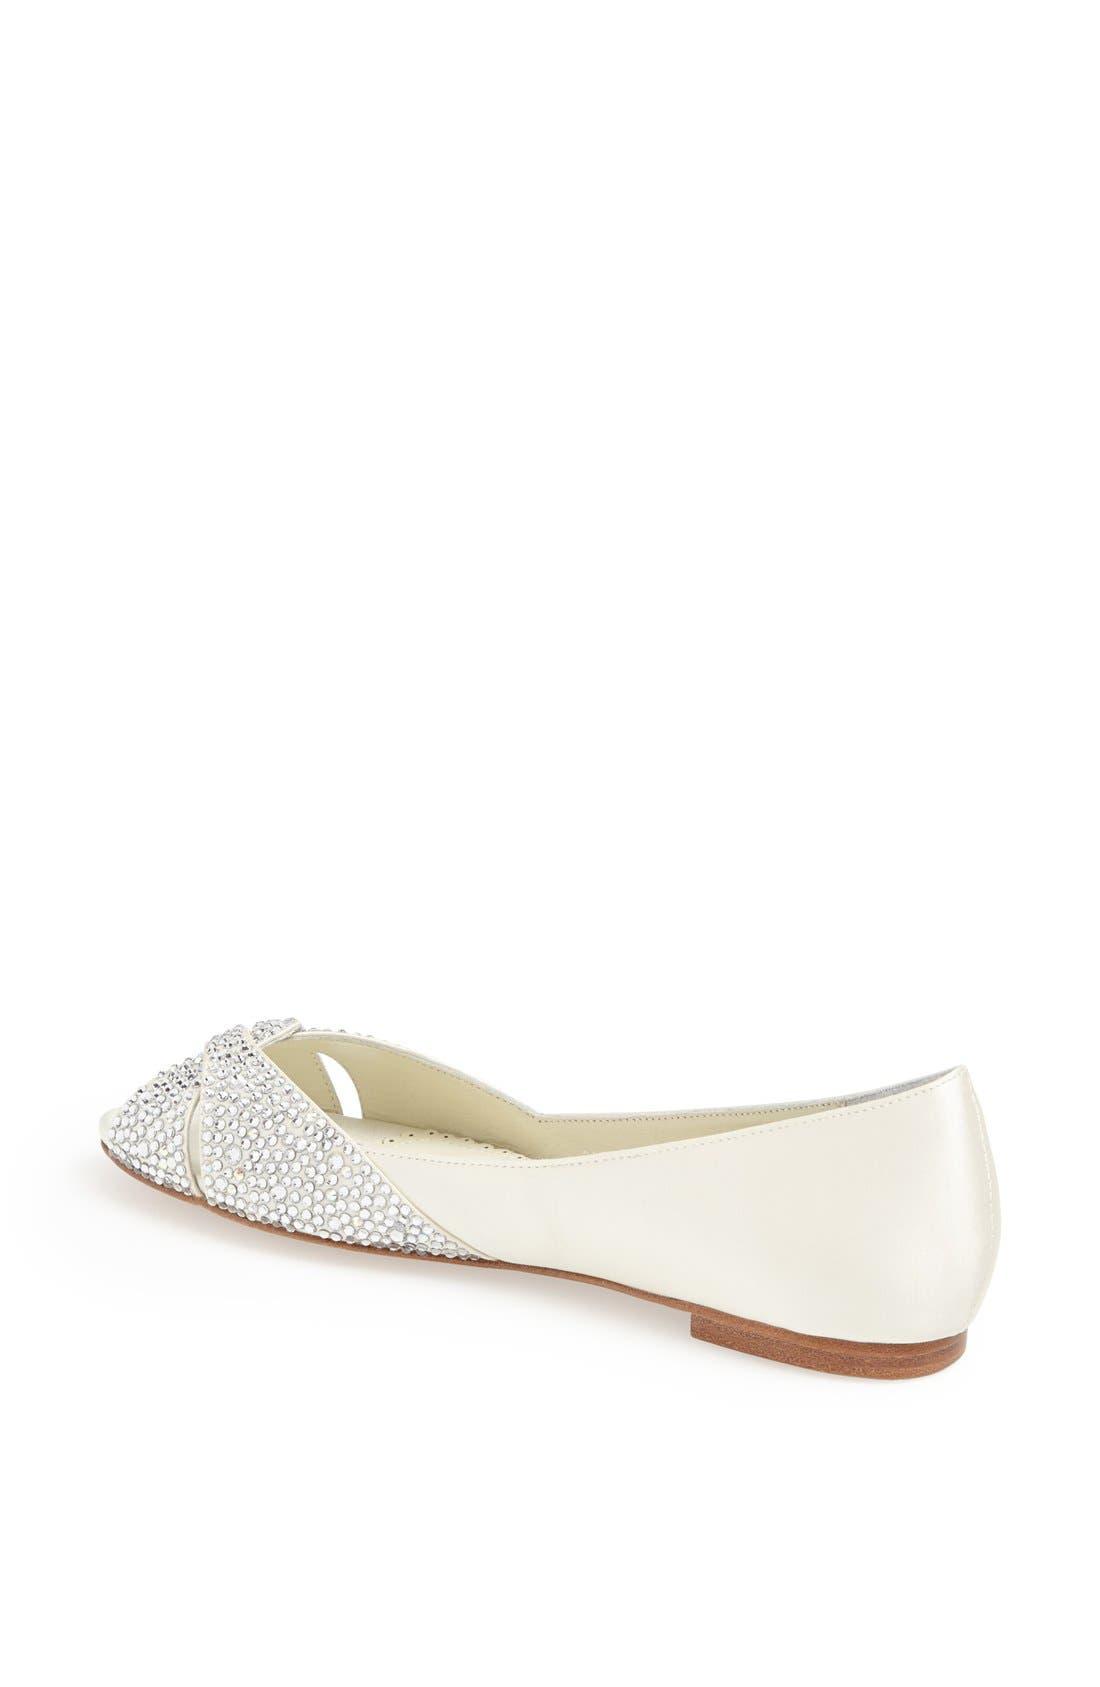 Alternate Image 2  - Benjamin Adams London 'Andie' Crystal Embellished Peep Toe Flat